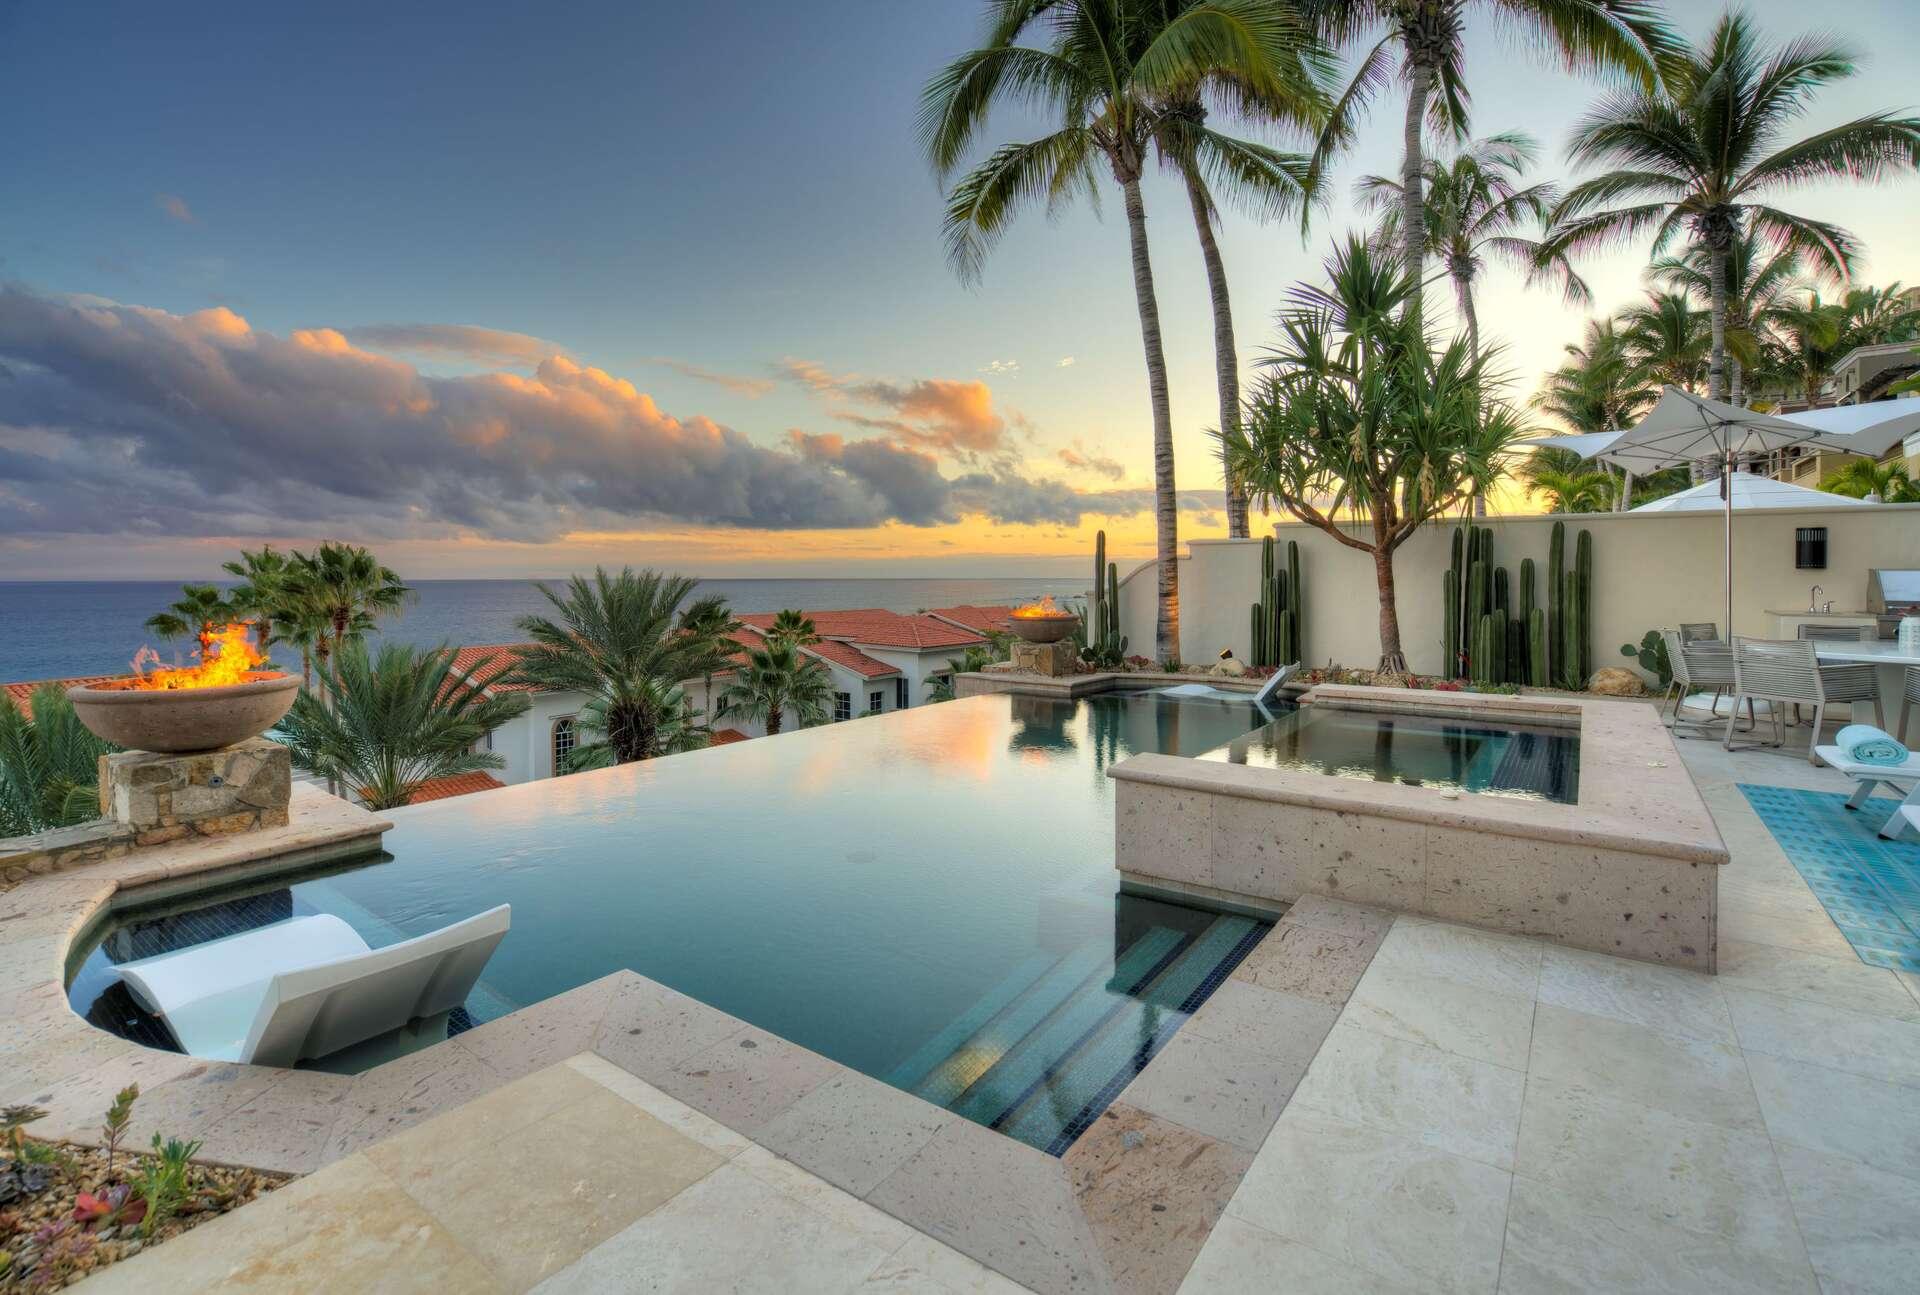 Luxury vacation rentals mexico - Los cabos - Los cabos corridor - Villas delmar - Oceanview 364 - Image 1/19